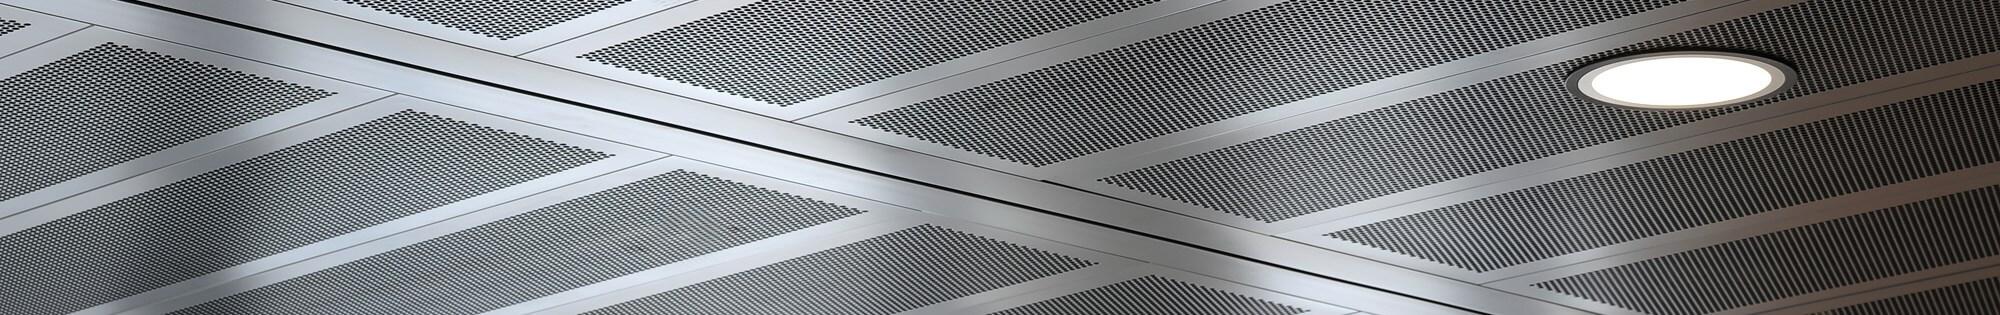 ceilings-150-02.jpg